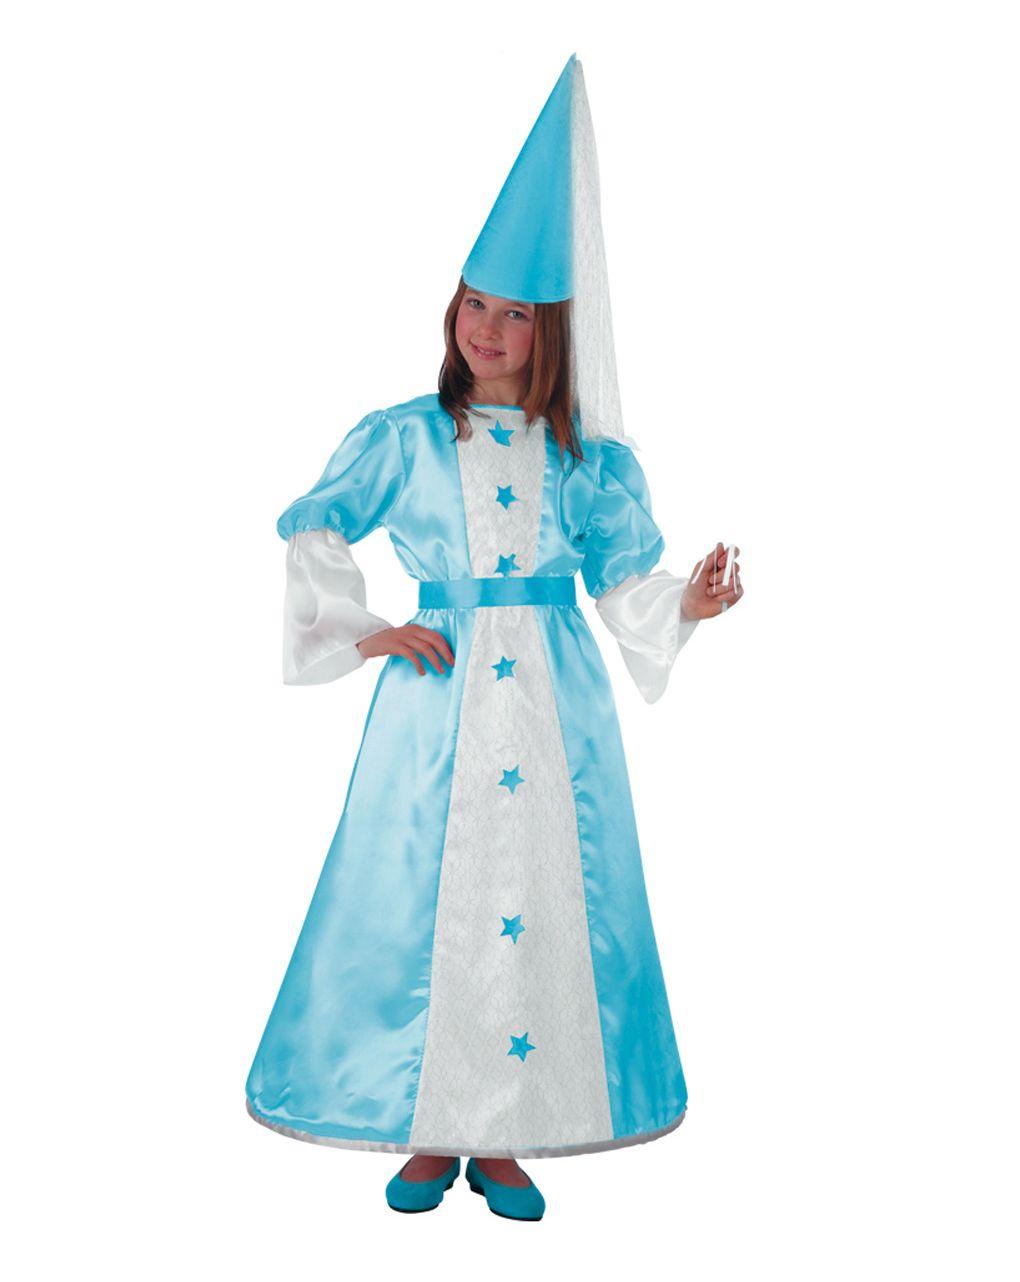 Costume fatina azzurra (24 mesi/4 anni) - Carnival Toys